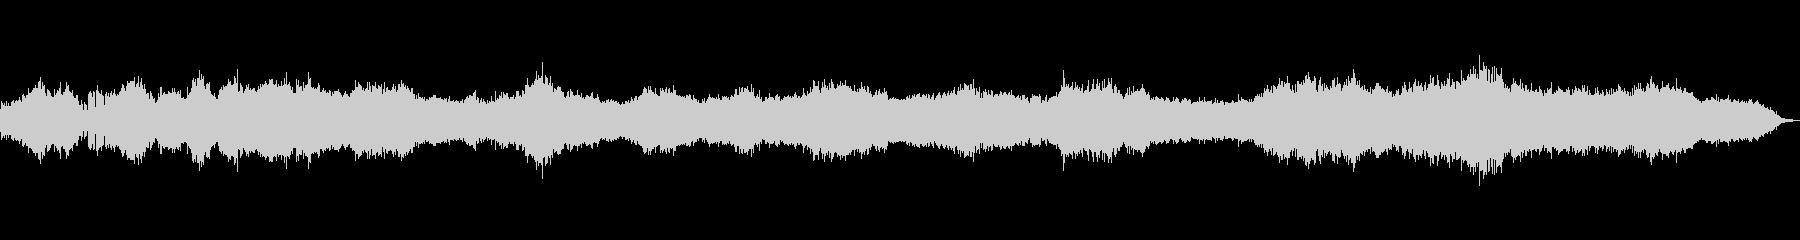 サイバーアクセラレータ、SCI F...の未再生の波形